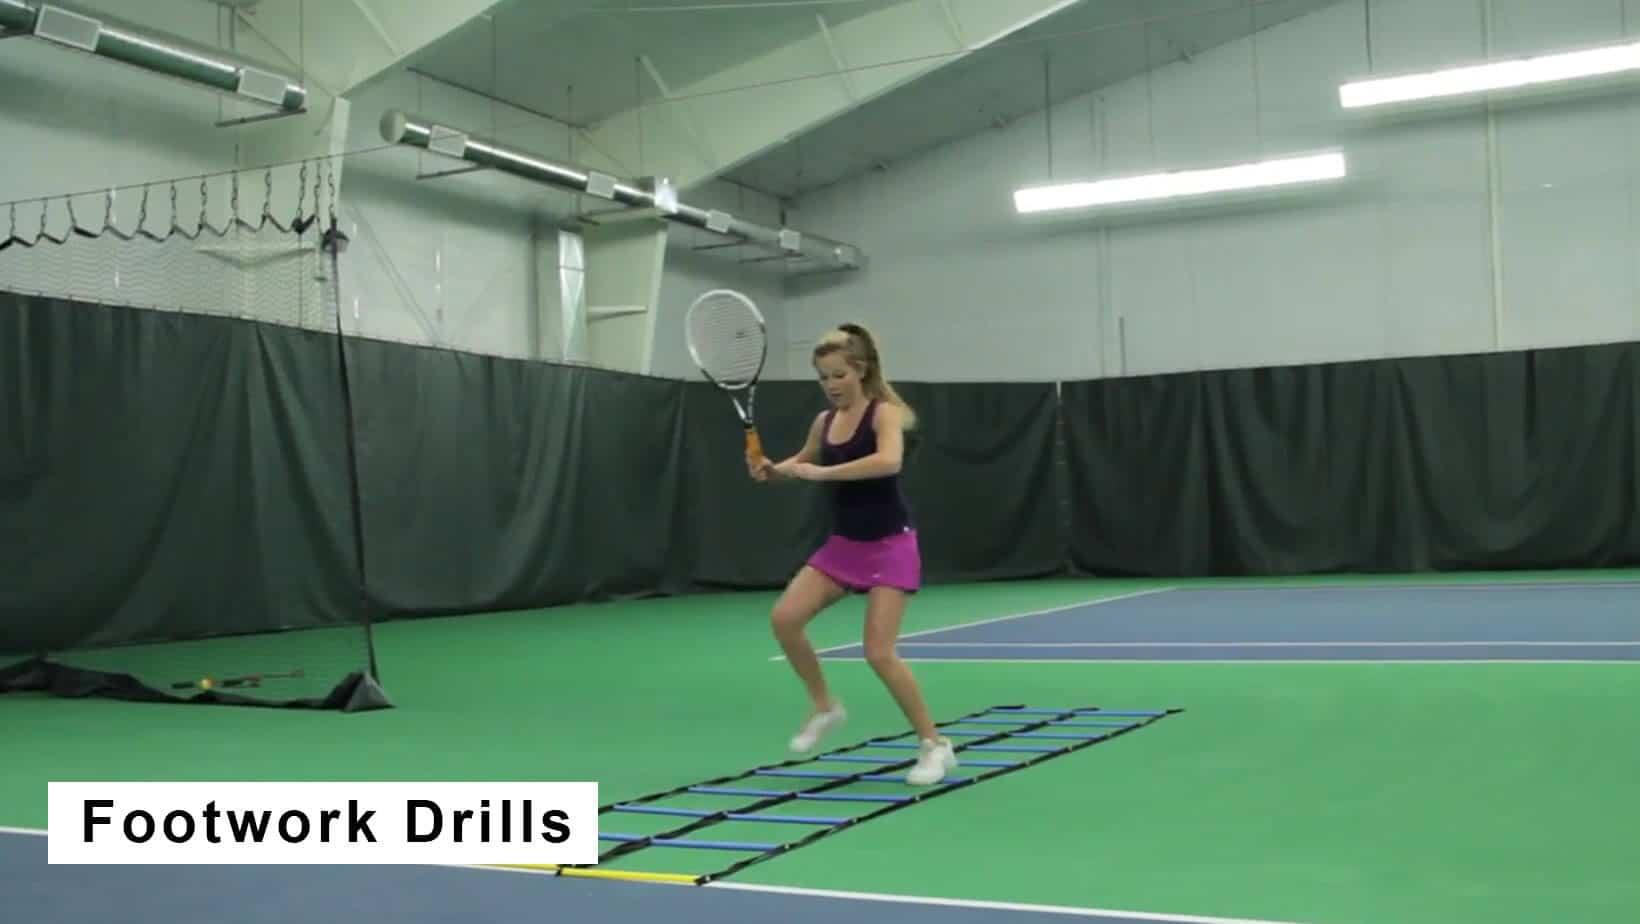 tennis footwork drills